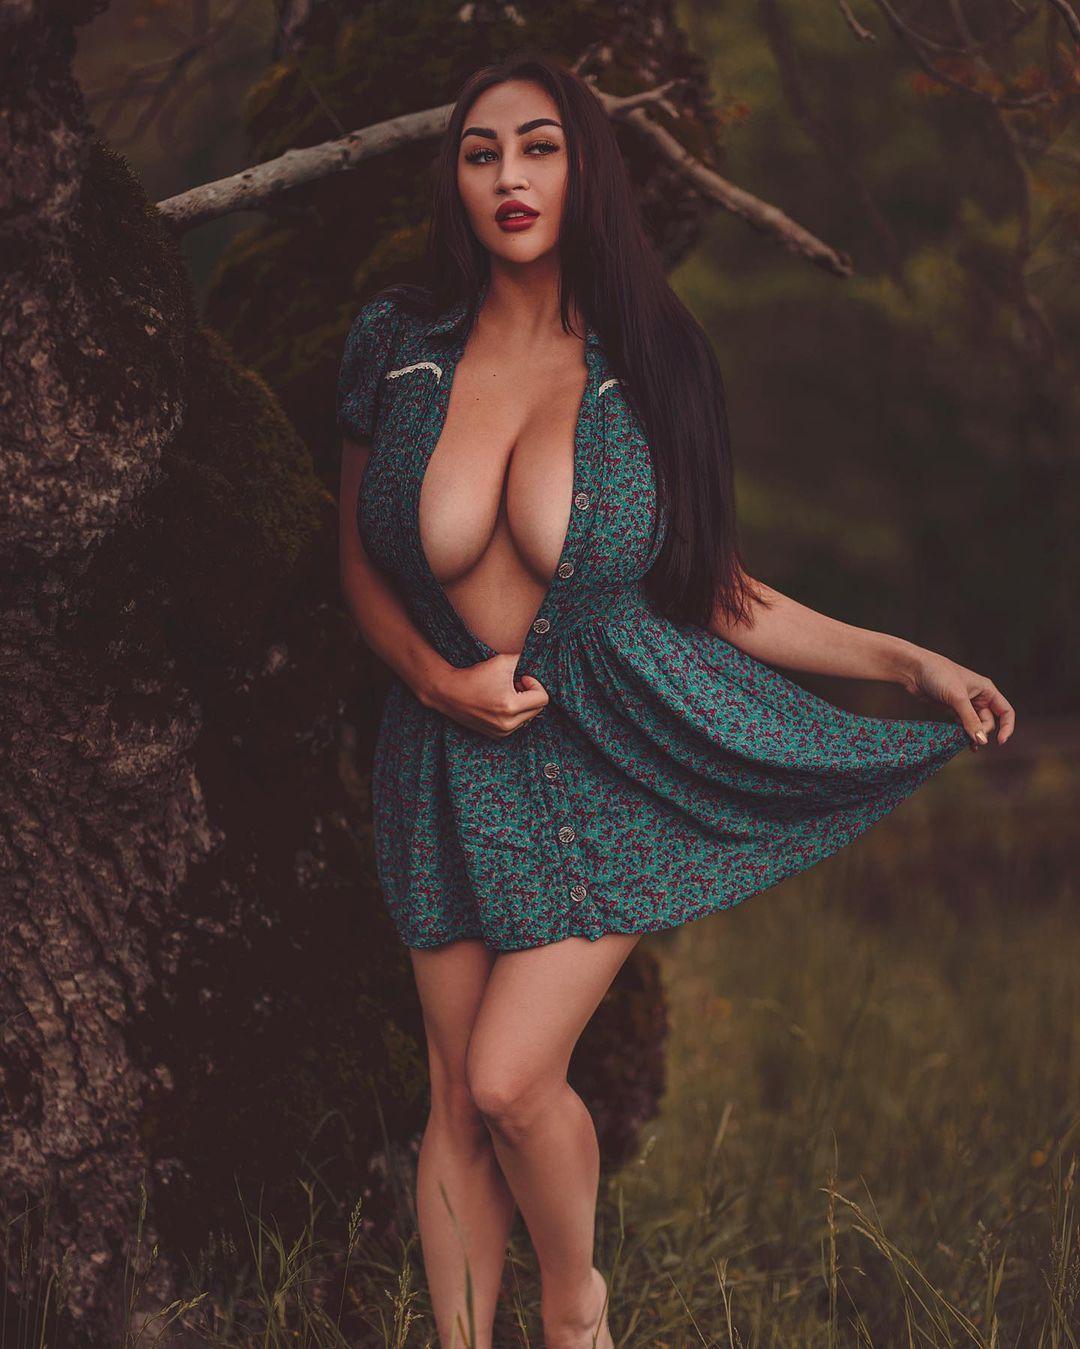 Louisa_Khovanski121.jpg